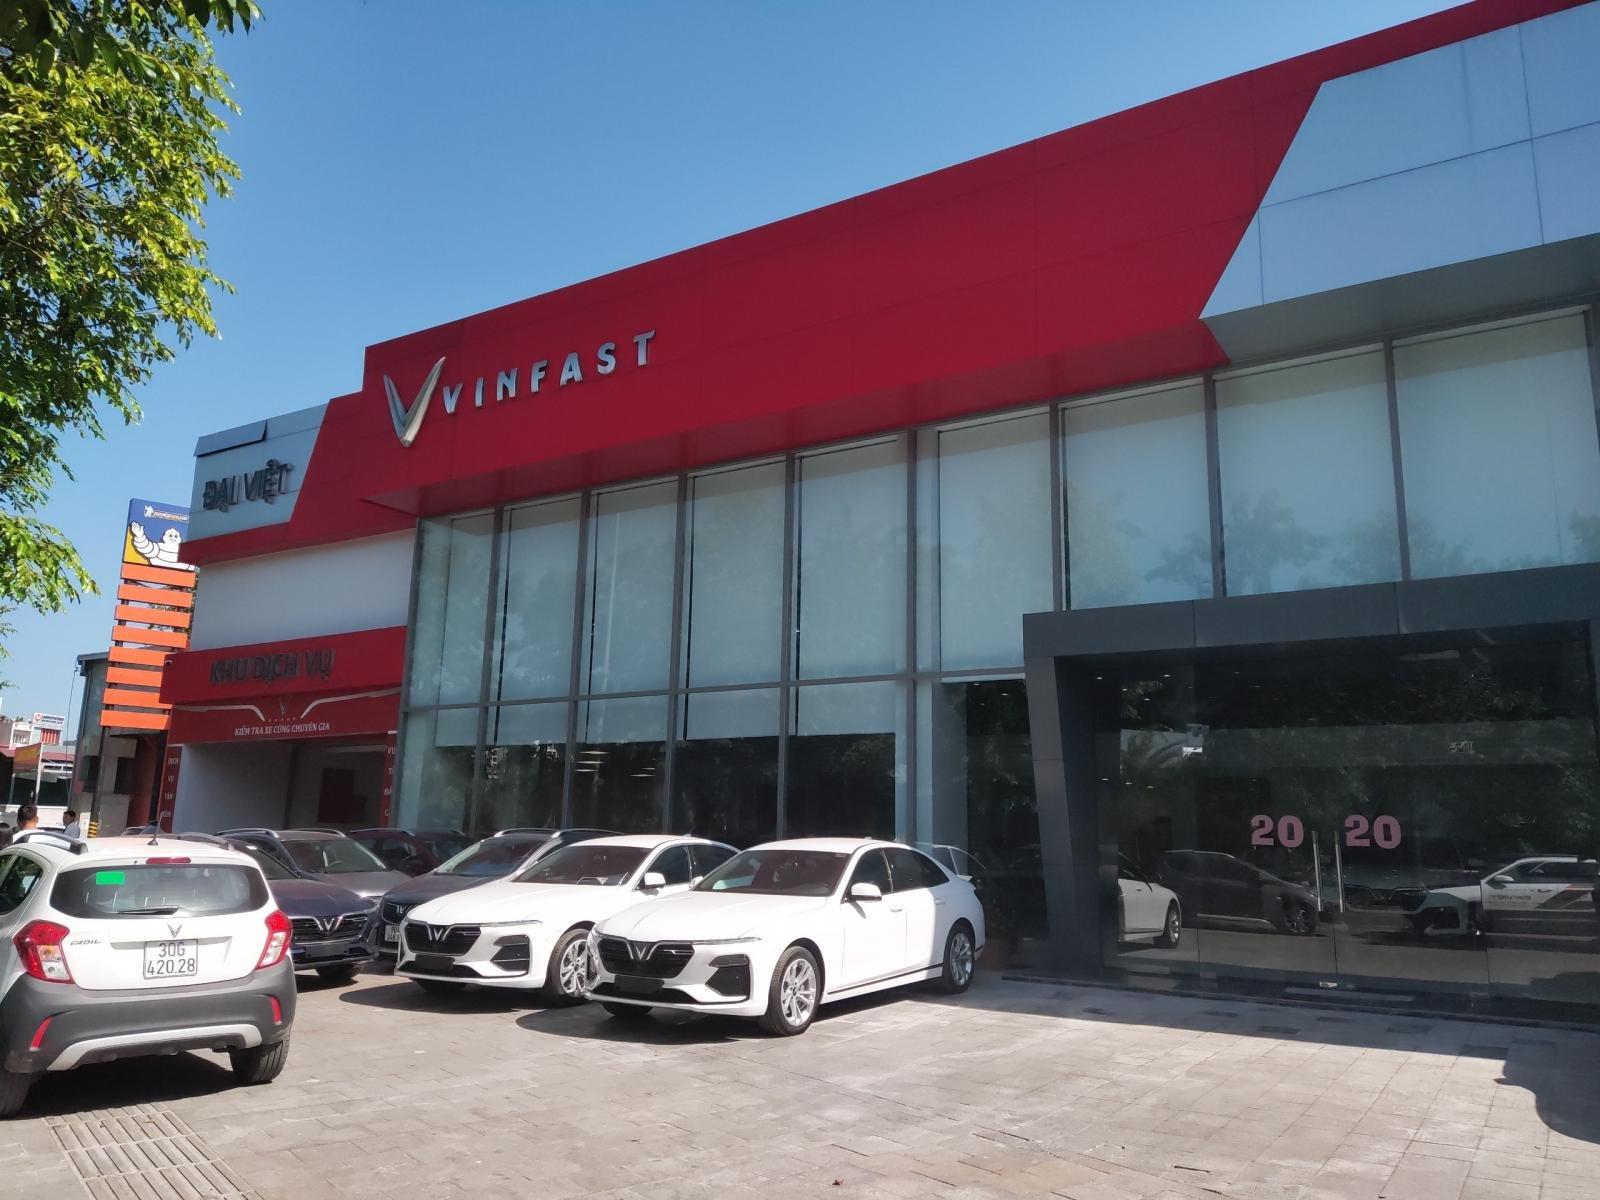 Vinfast - Chevrolet Đại Việt (1)